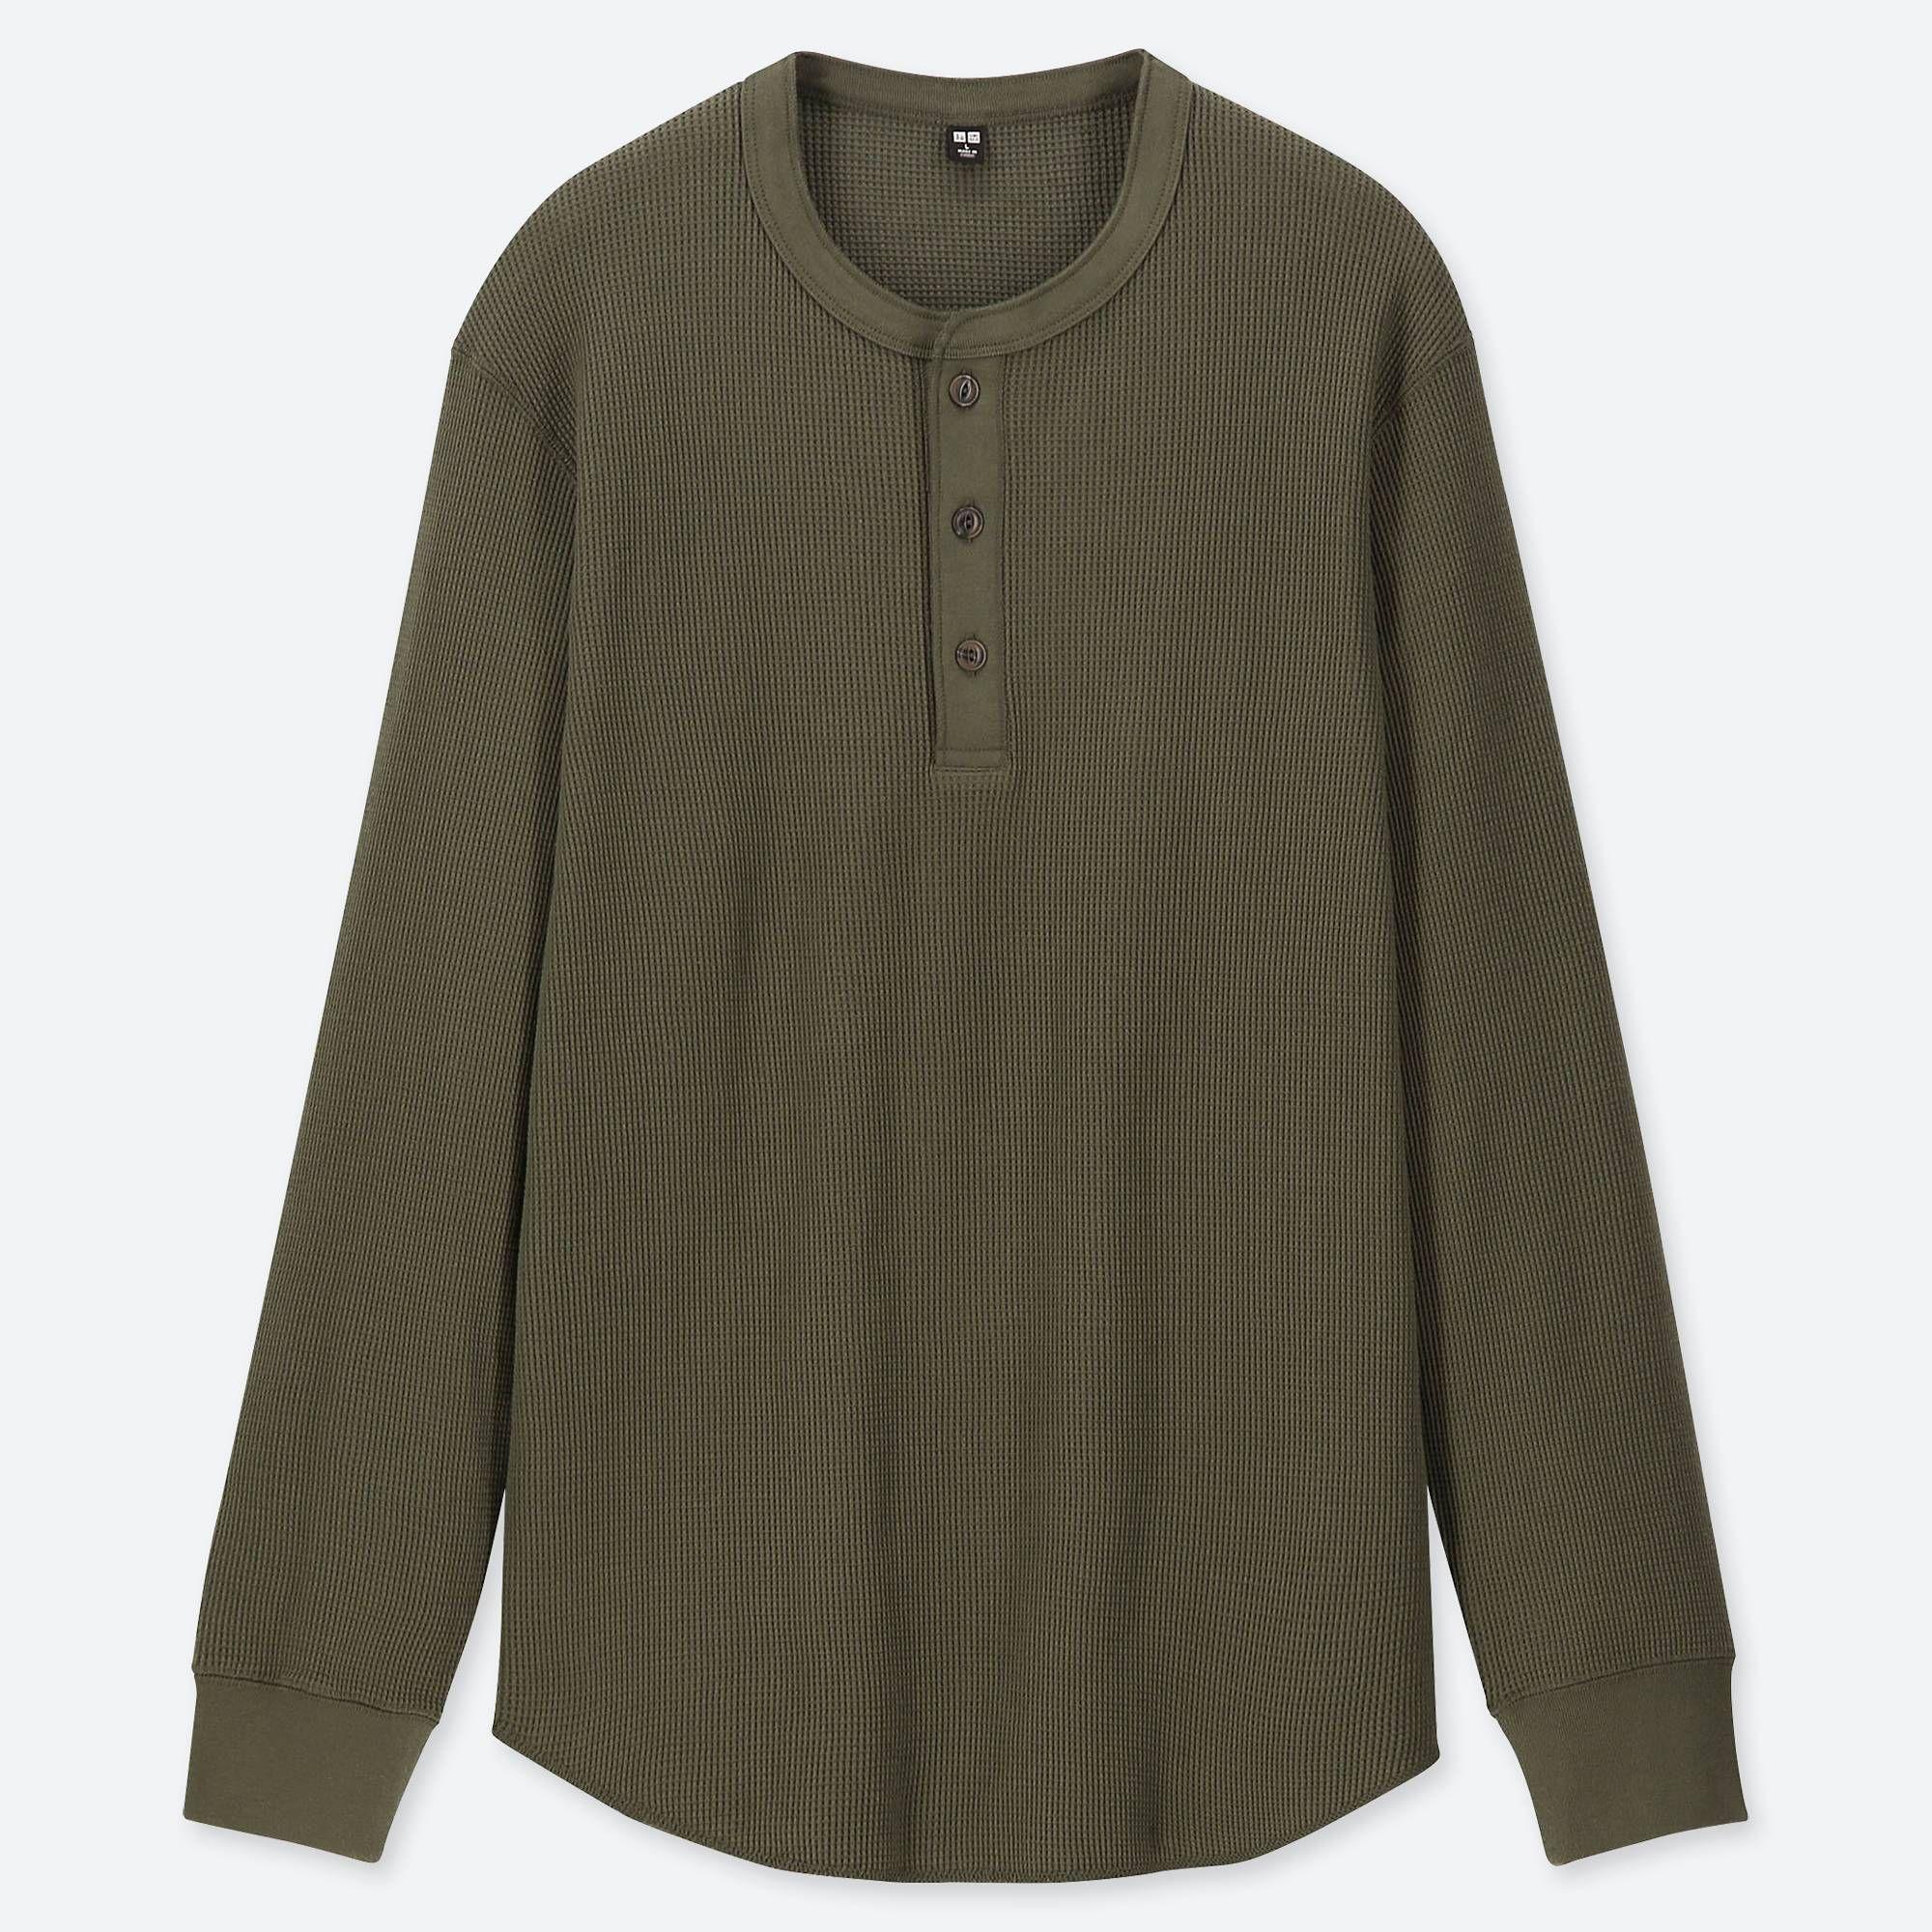 0bd099fe 13 Best T-Shirts for Men 2019 - V-necks, Long-Sleeve and Plain Tees